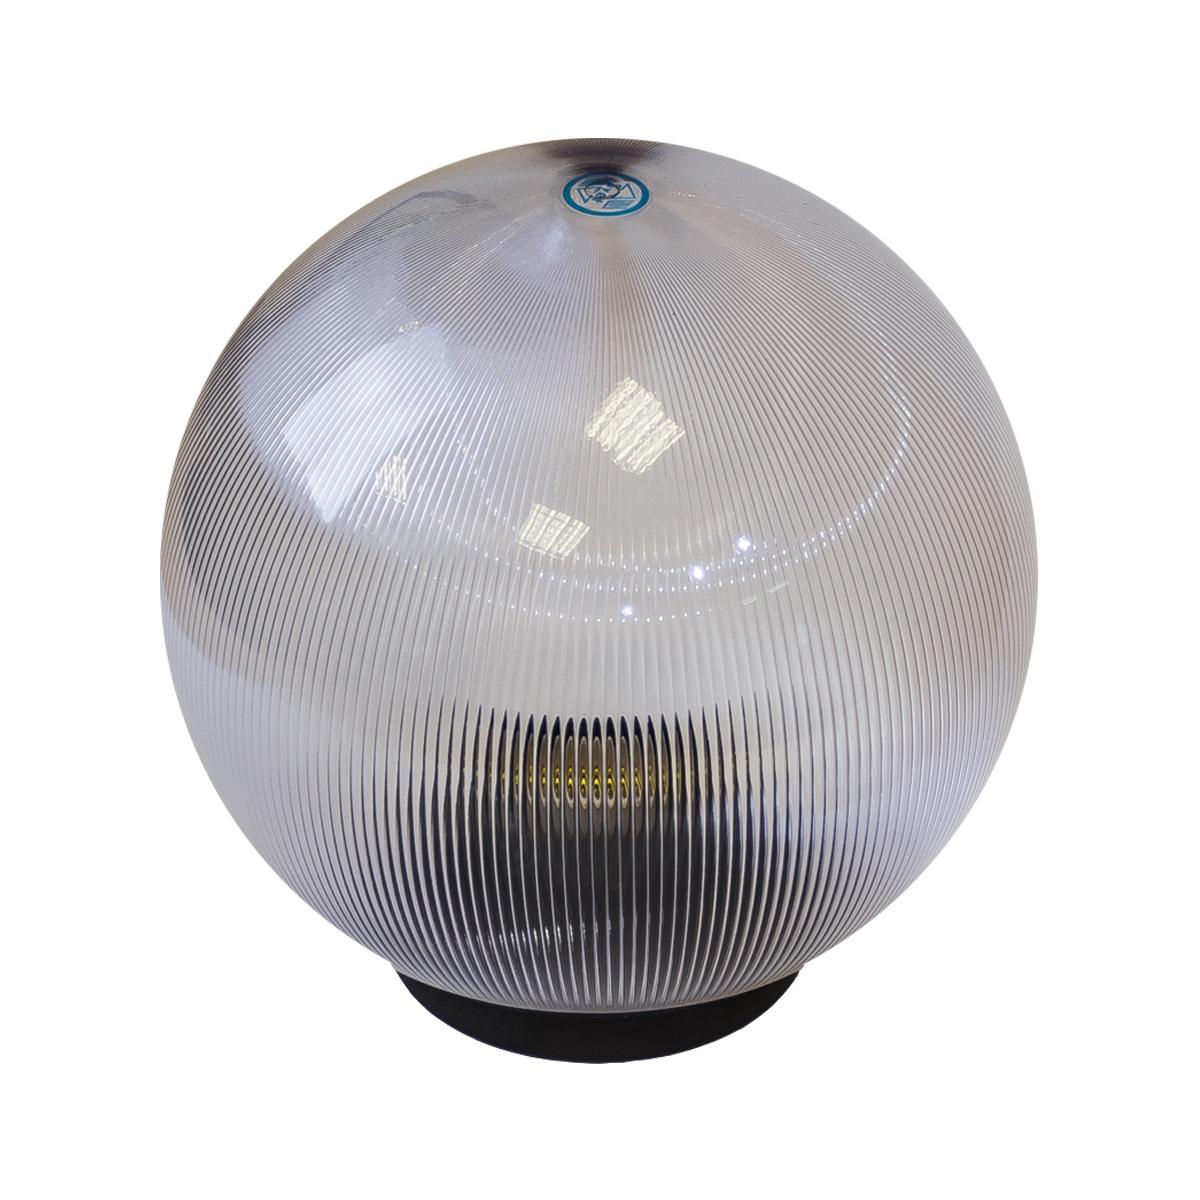 Светильник садово-парковый ЭРА НТУ 02-60-252 шар прозрачный призма d250